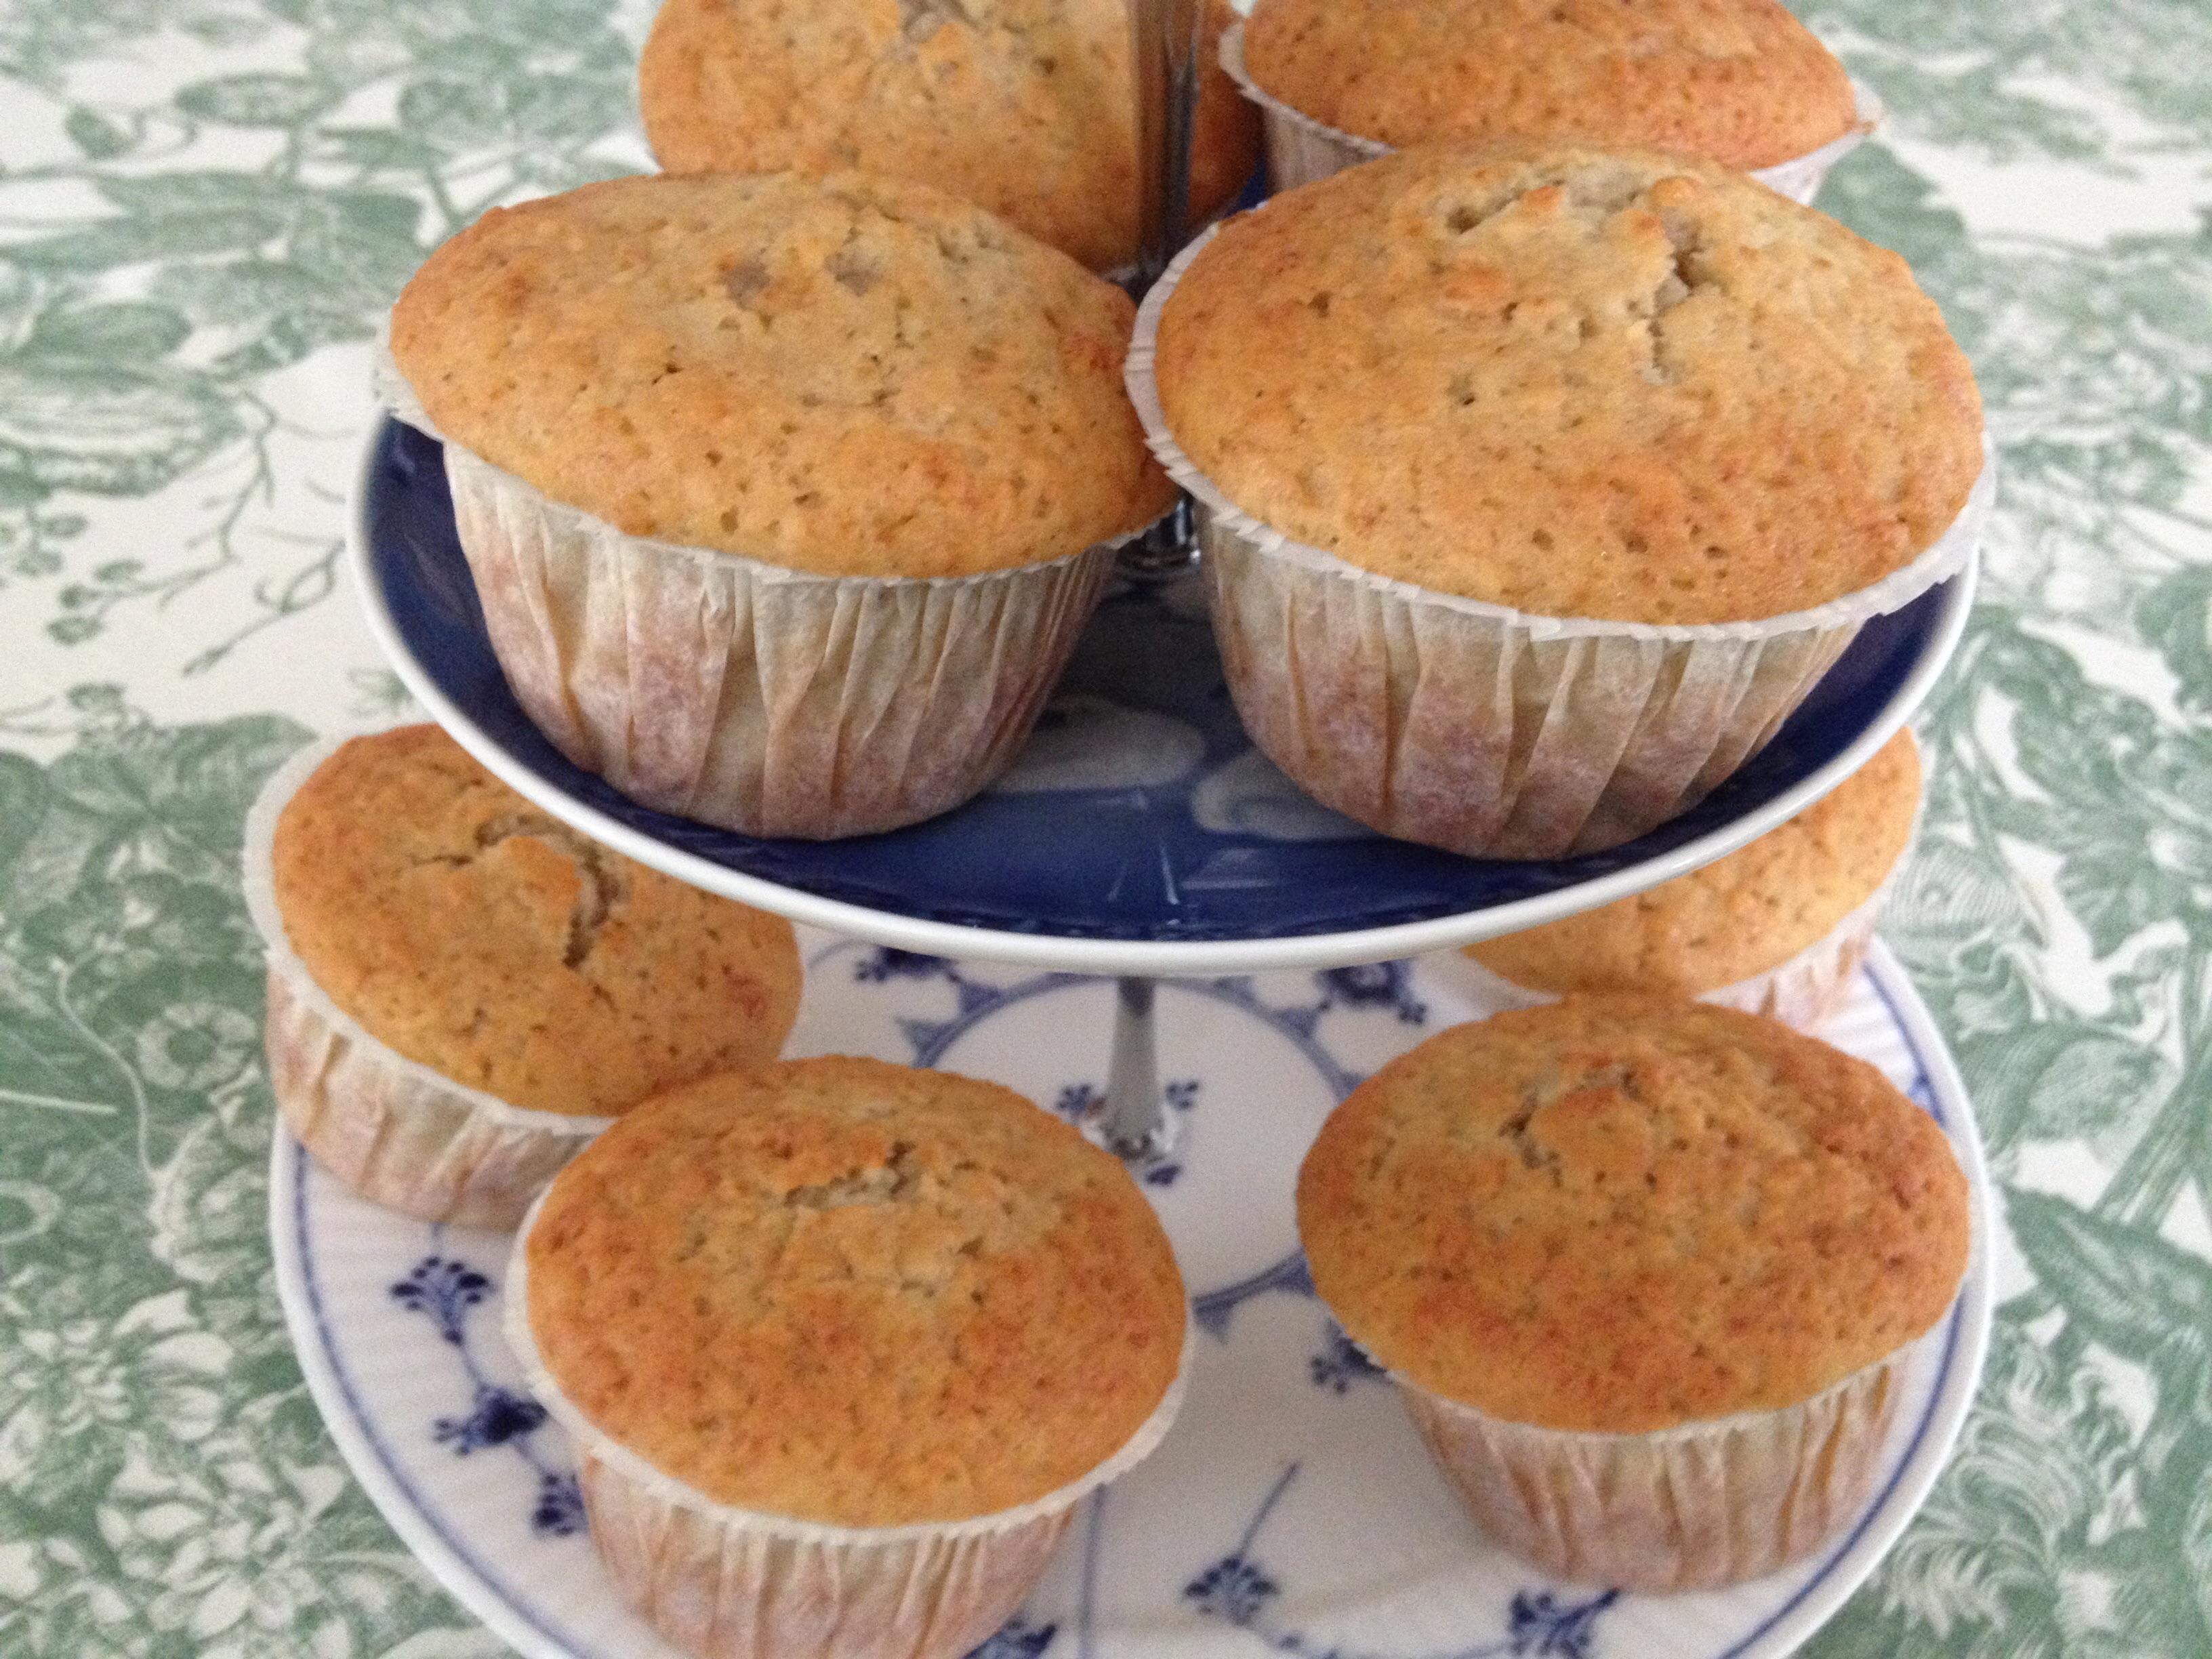 De skønneste muffins